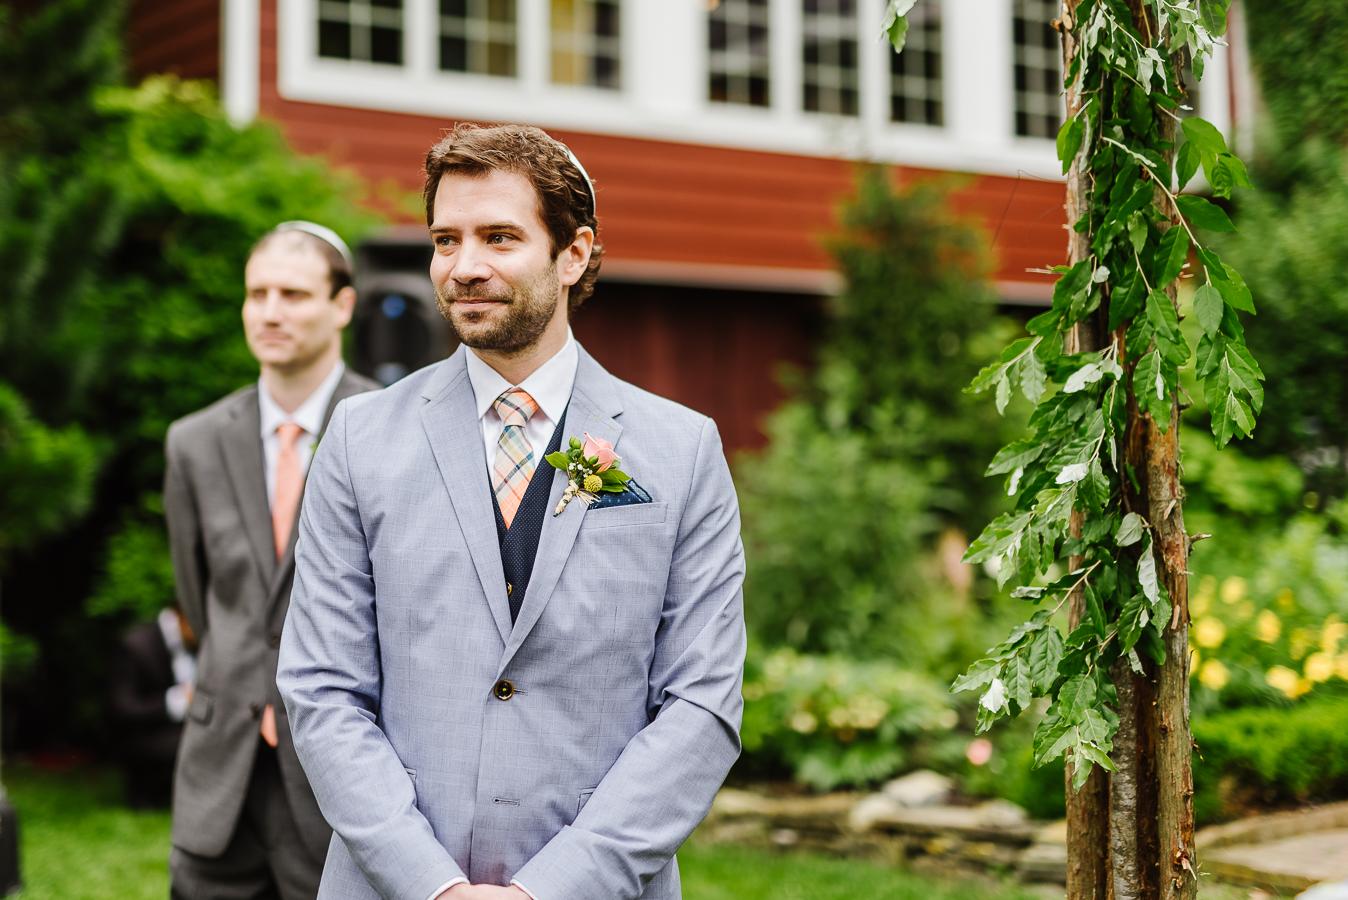 Stylish Crossed Keys Inn Wedding Crossed Keys Wedding Crossed Keys Inn Andover NJ Longbrook Photography-39.jpg